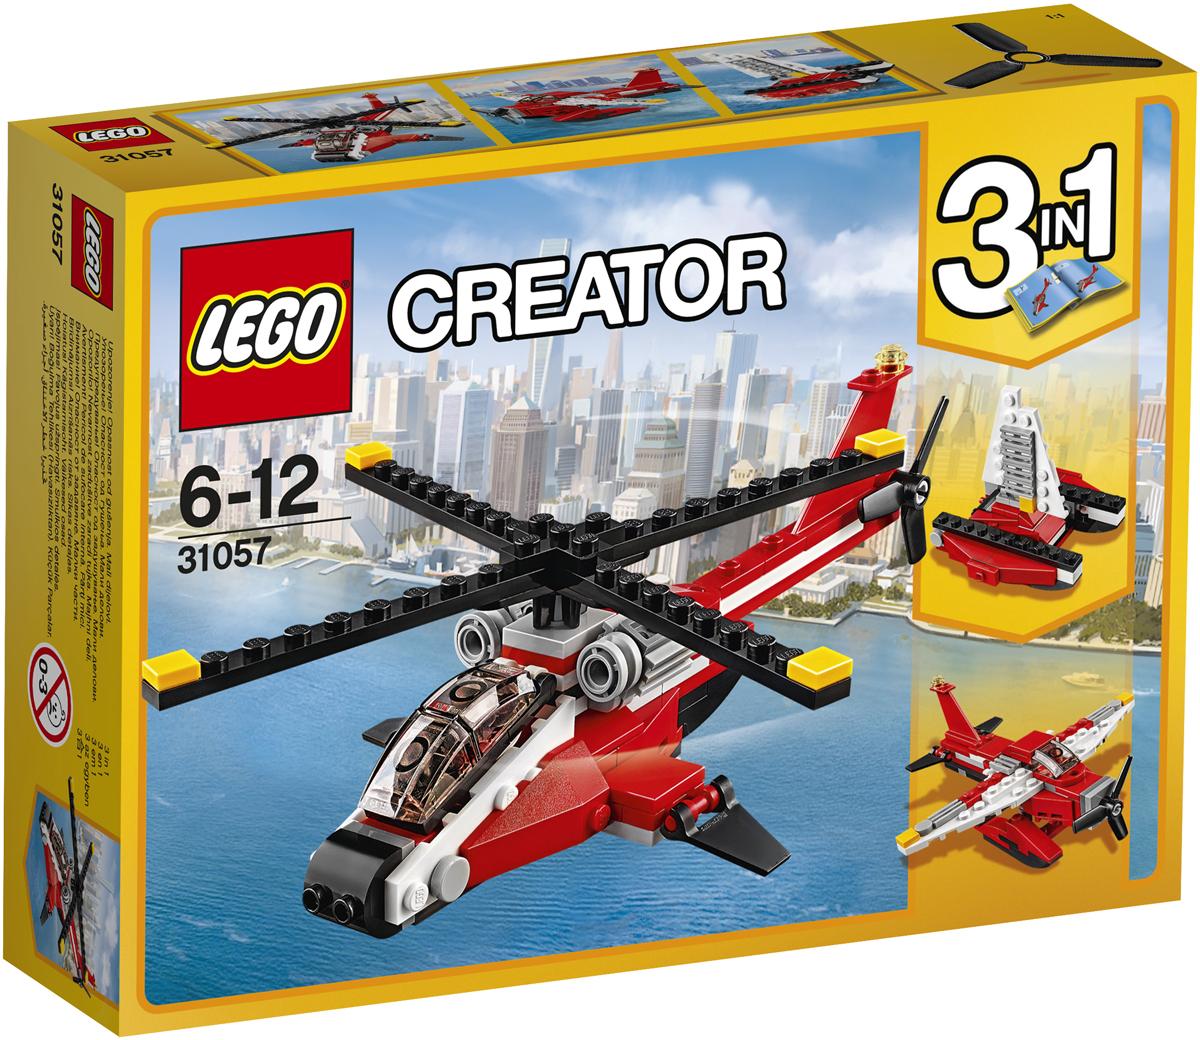 LEGO Creator Конструктор Красный вертолет 3105731057Выполняй самые смелые миссии на этом удивительном Красном вертолёте высокотехнологичной изящной конструкции с тонированной кабиной, большими двигателями, задними посадочными прожекторами в суперкрутой красно-чёрной цветовой гамме. Взмывай в небеса с помощью массивного основного и хвостового винтов! Перестрой его в классический Гидросамолёт или скоростной Катамаран.